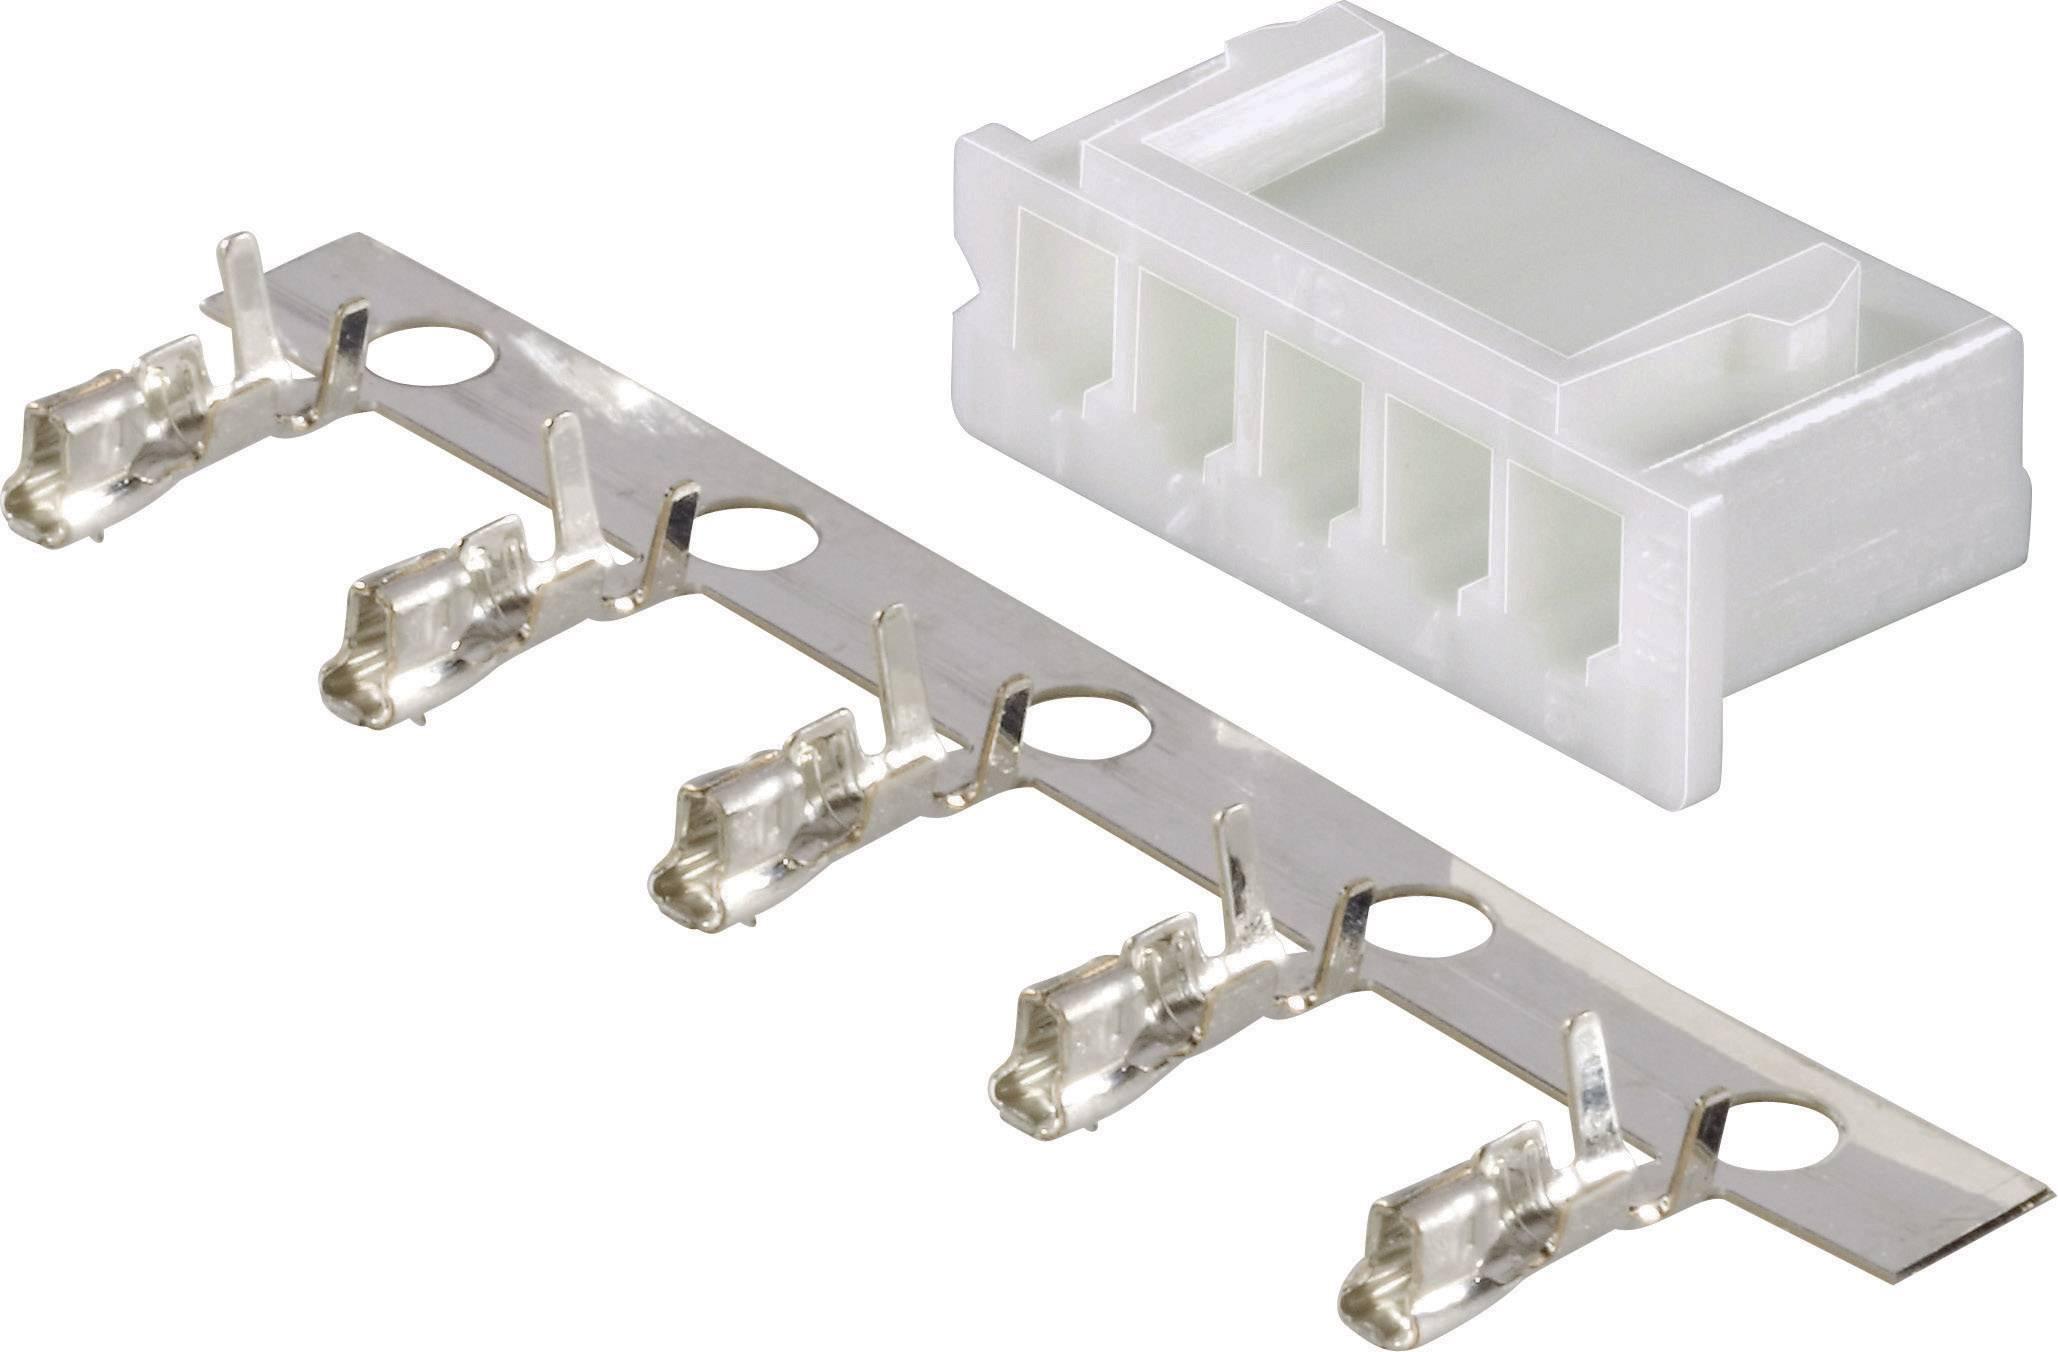 Konektor Li-Pol Modelcraft, zásuvka XH, 4 články